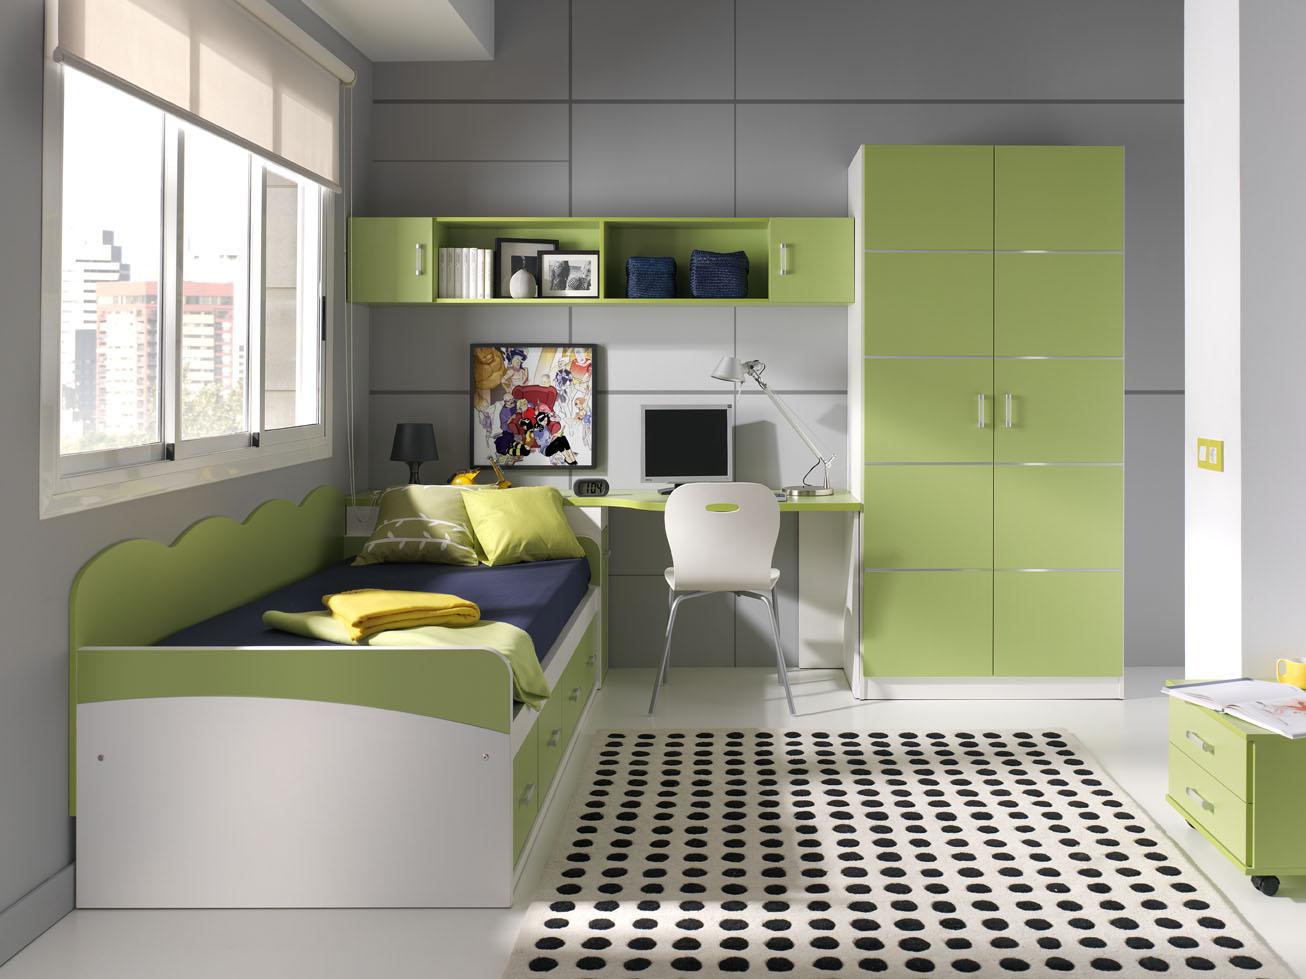 Dormitorios juveniles funcionales y bonitos muebles - Dormitorio de nino ...